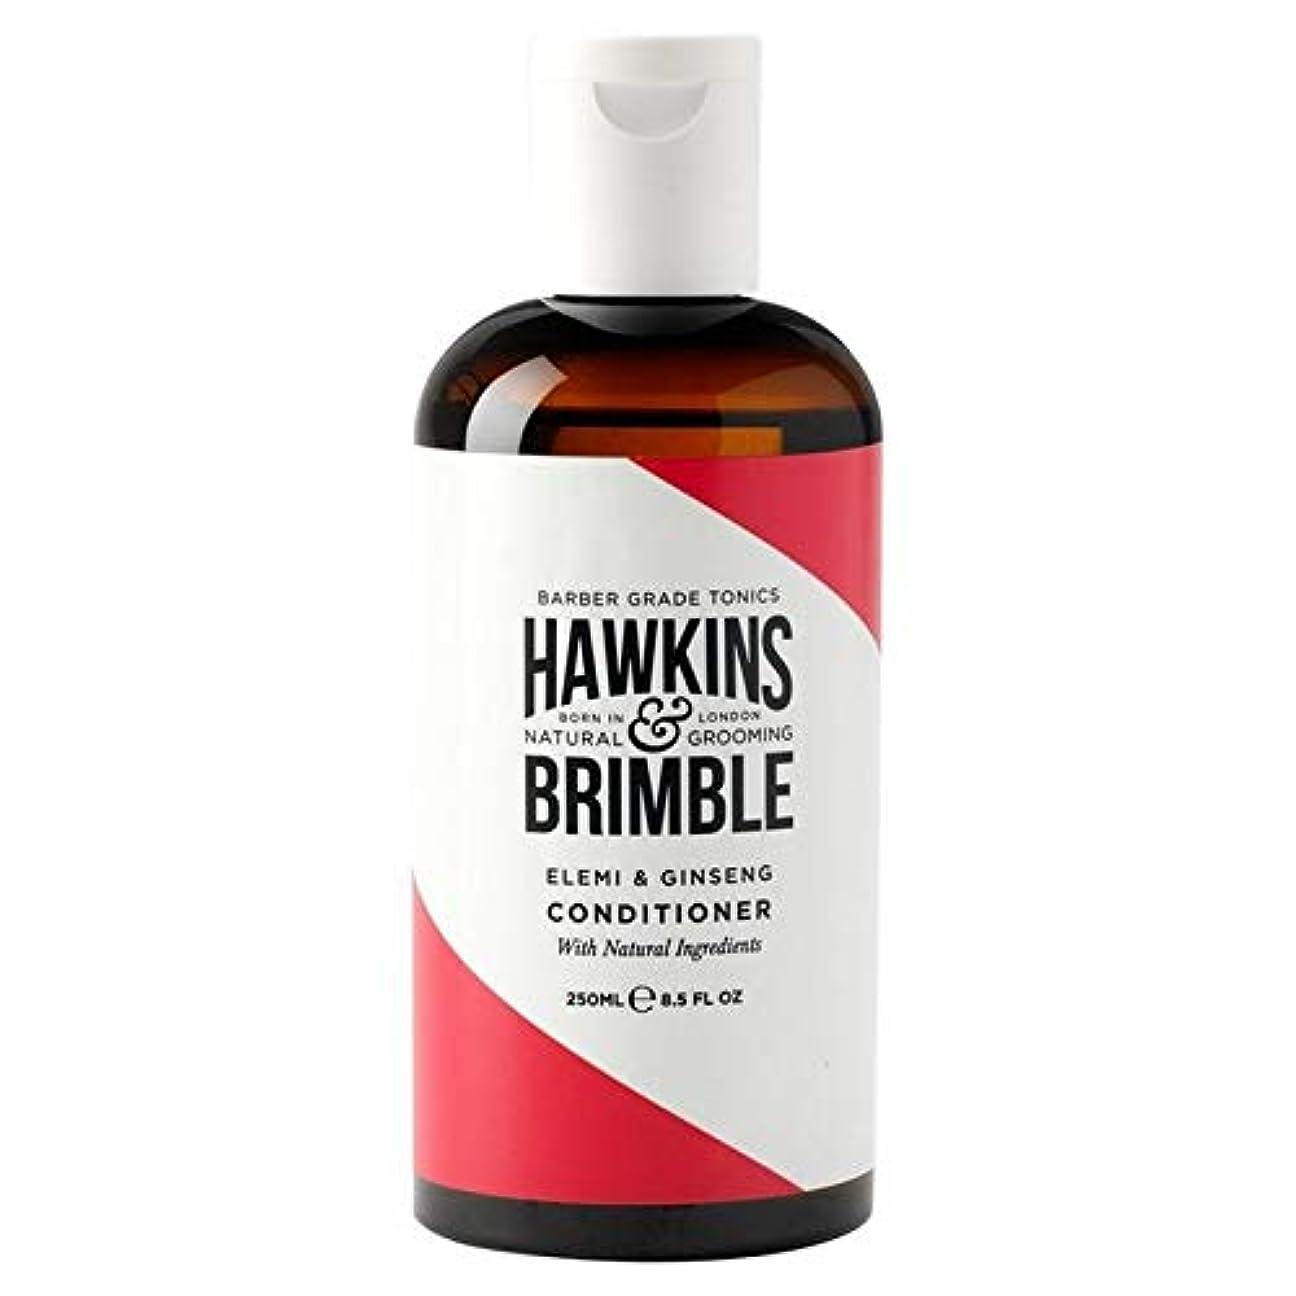 教師の日不合格覚醒[Hawkins & Brimble] ホーキンス&Brimbleナチュラルコンディショナー250Ml - Hawkins & Brimble Natural Conditioner 250ml [並行輸入品]